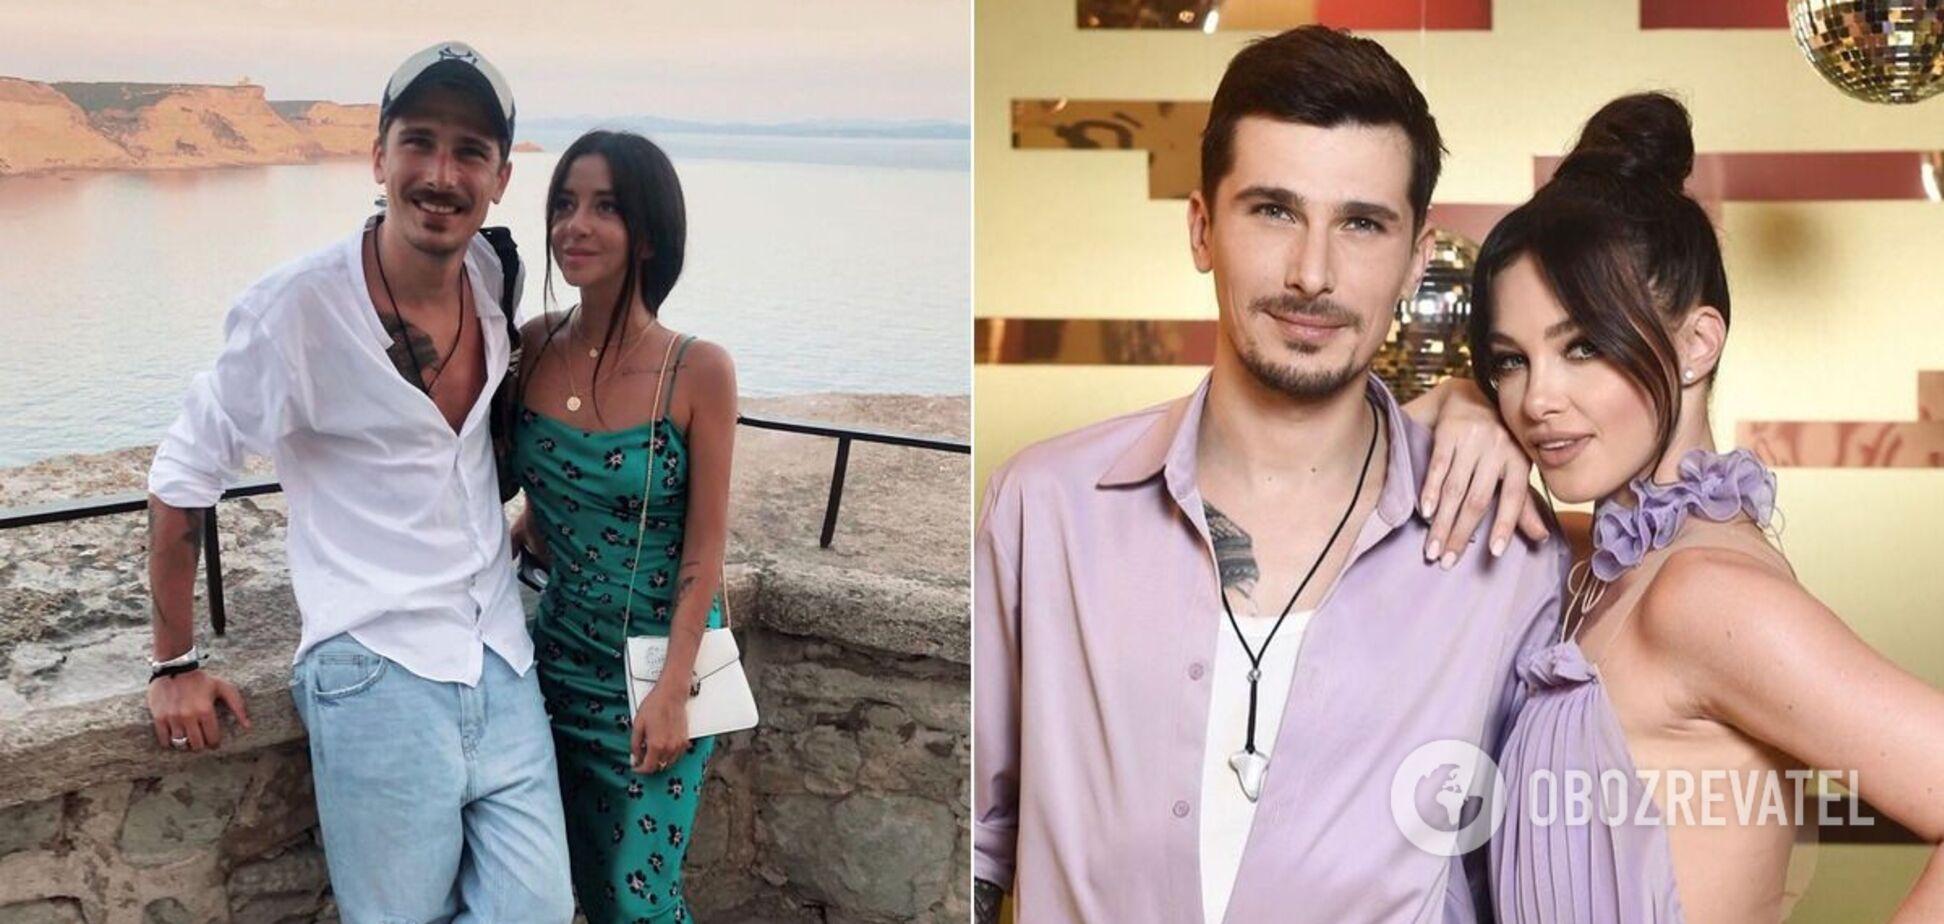 Первое фото - Позитив с женой, второе - с Юлией Сахневич